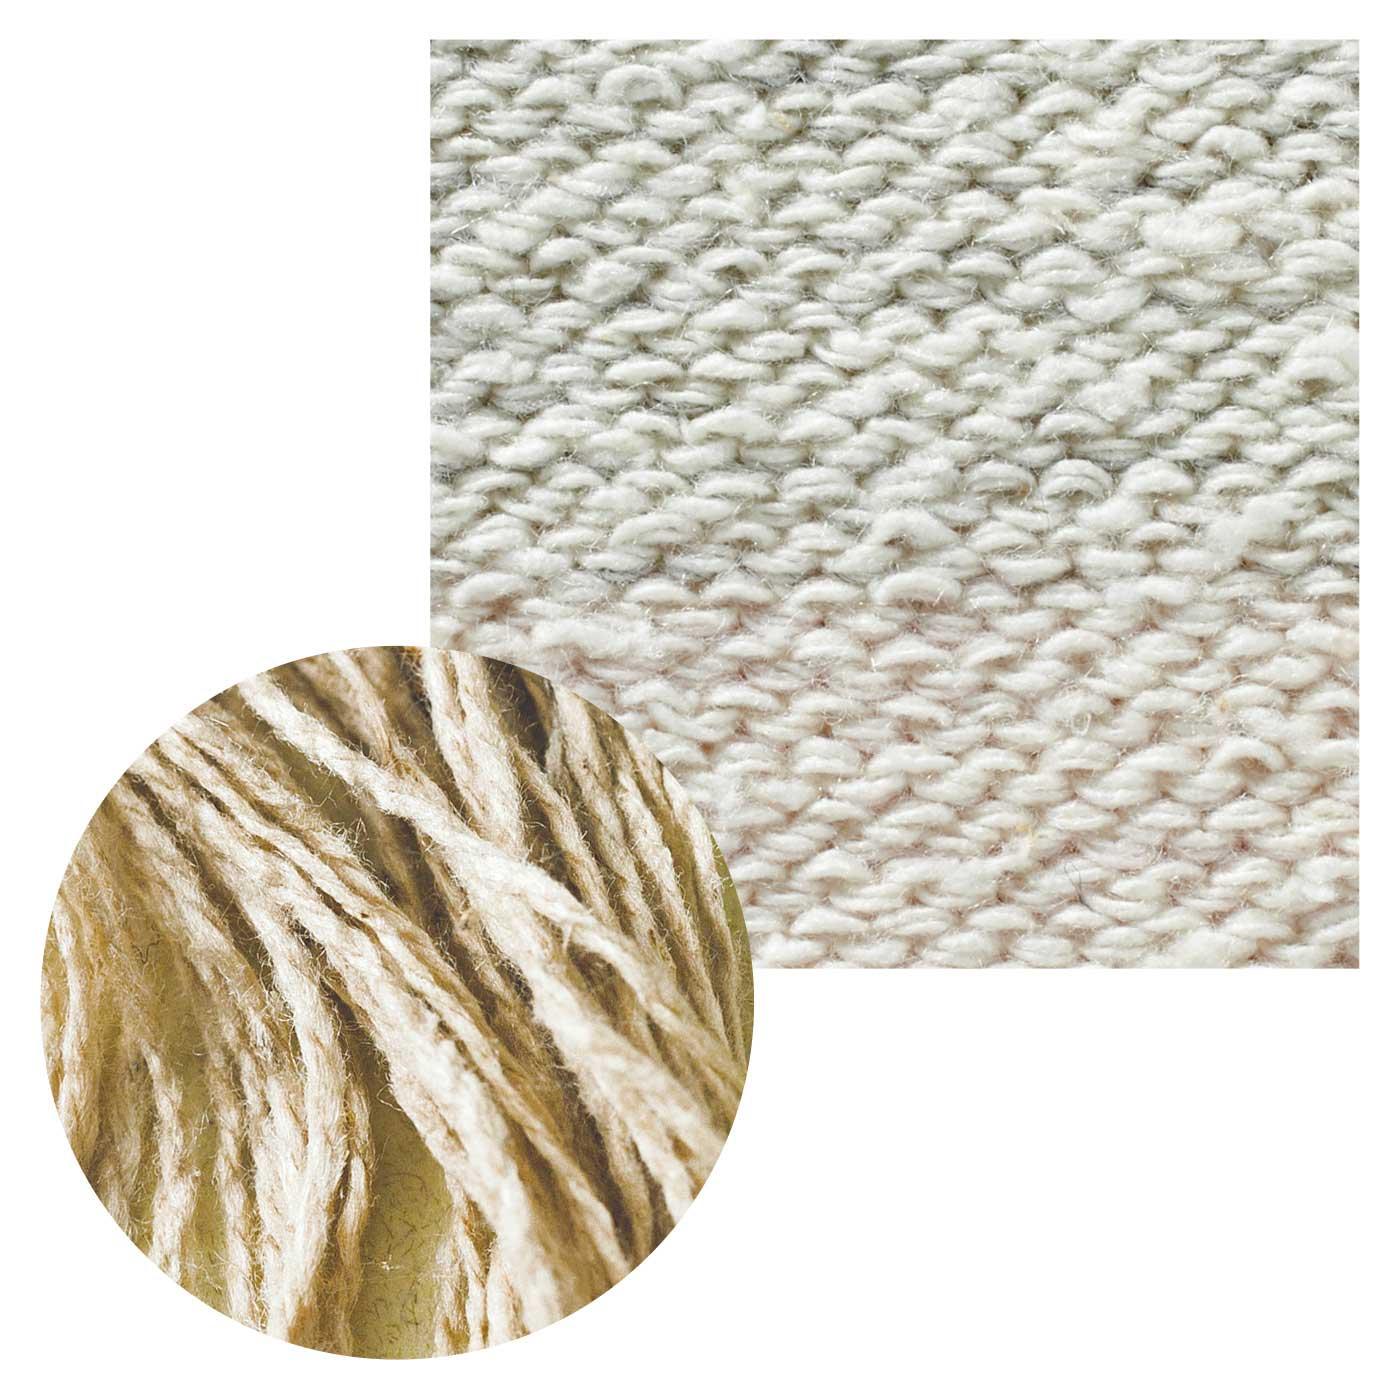 裏側にふんわりとした太めの「紬糸(ちゅうし)」を使用。ずれにくいのも特徴です。